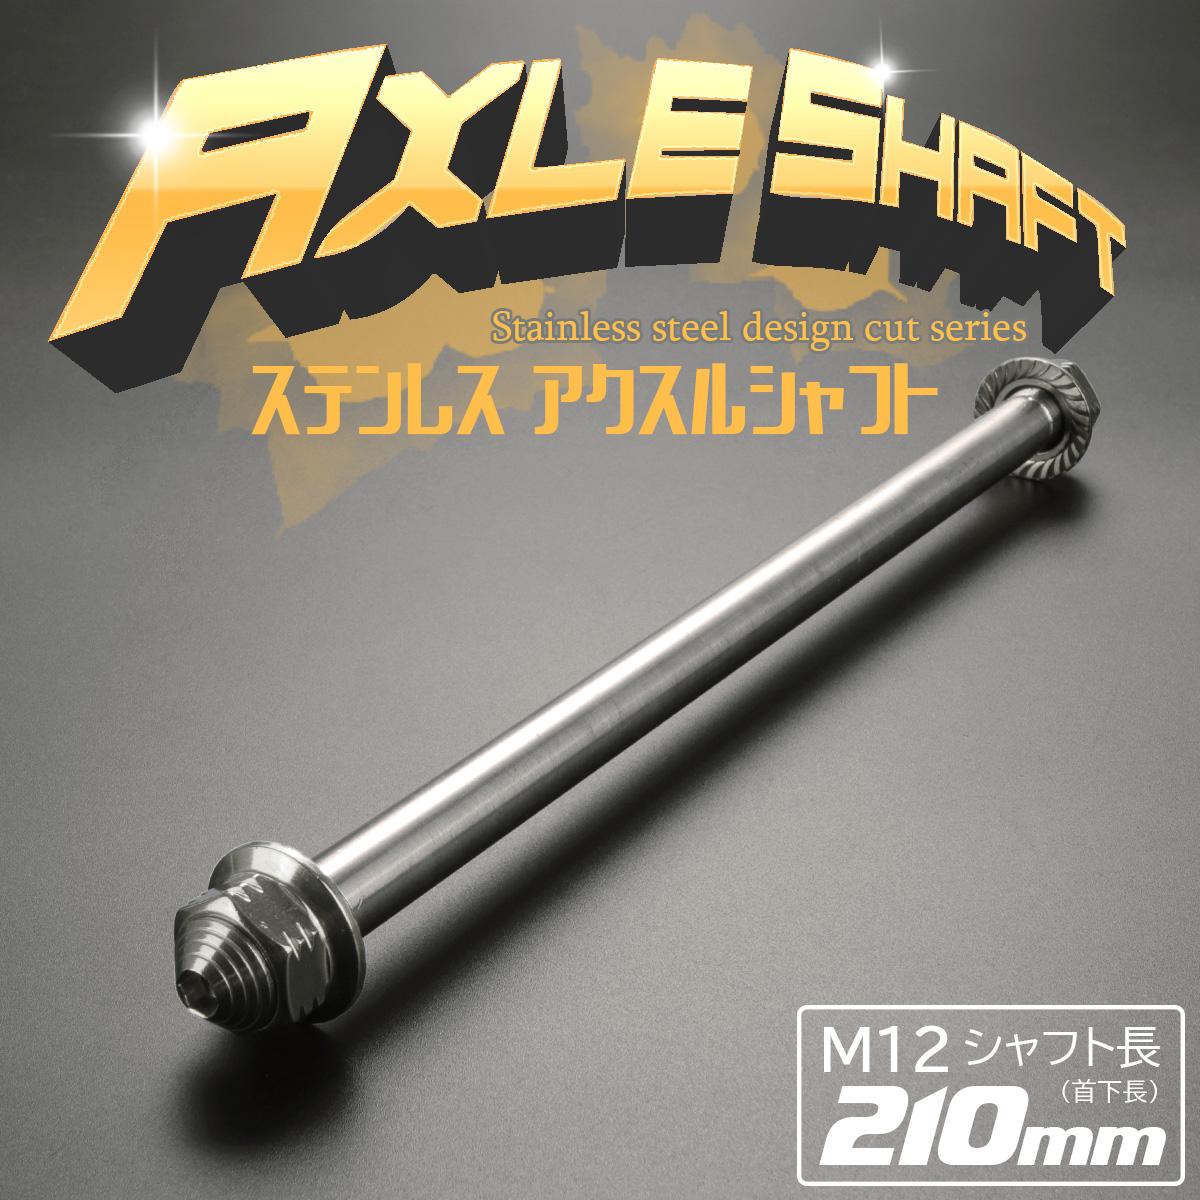 汎用 ステンレス アクスルシャフト M12 210mm シルバー 4ミニ 原付など TH0352